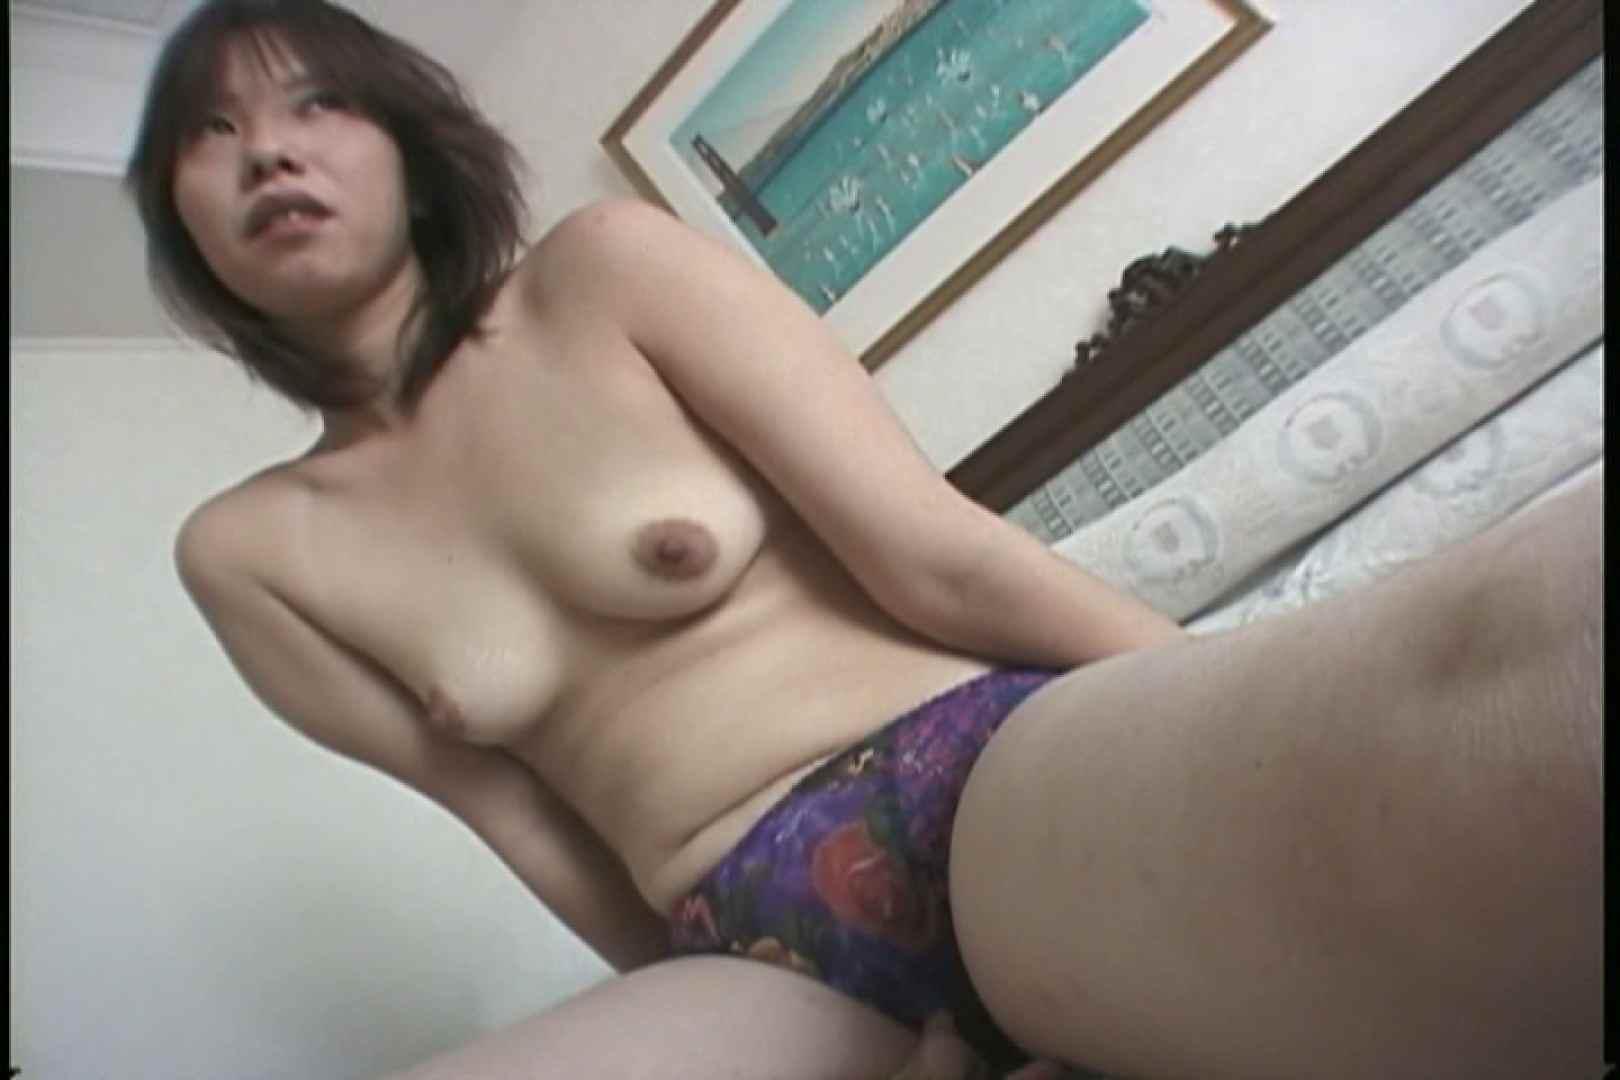 初めてのビデオ撮影に緊張する素人OLとセックス~武田じゅん~ 素人 | ギャル達のセックス  82画像 56